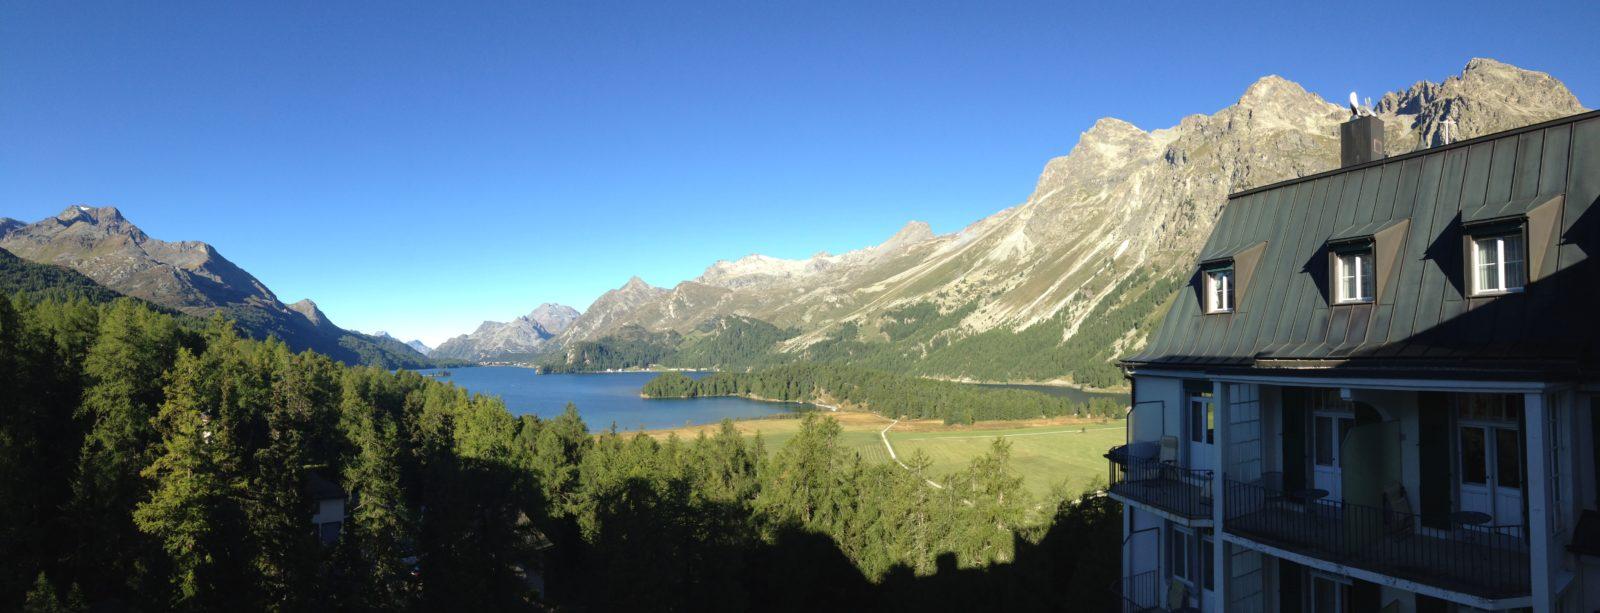 View towards Maloja